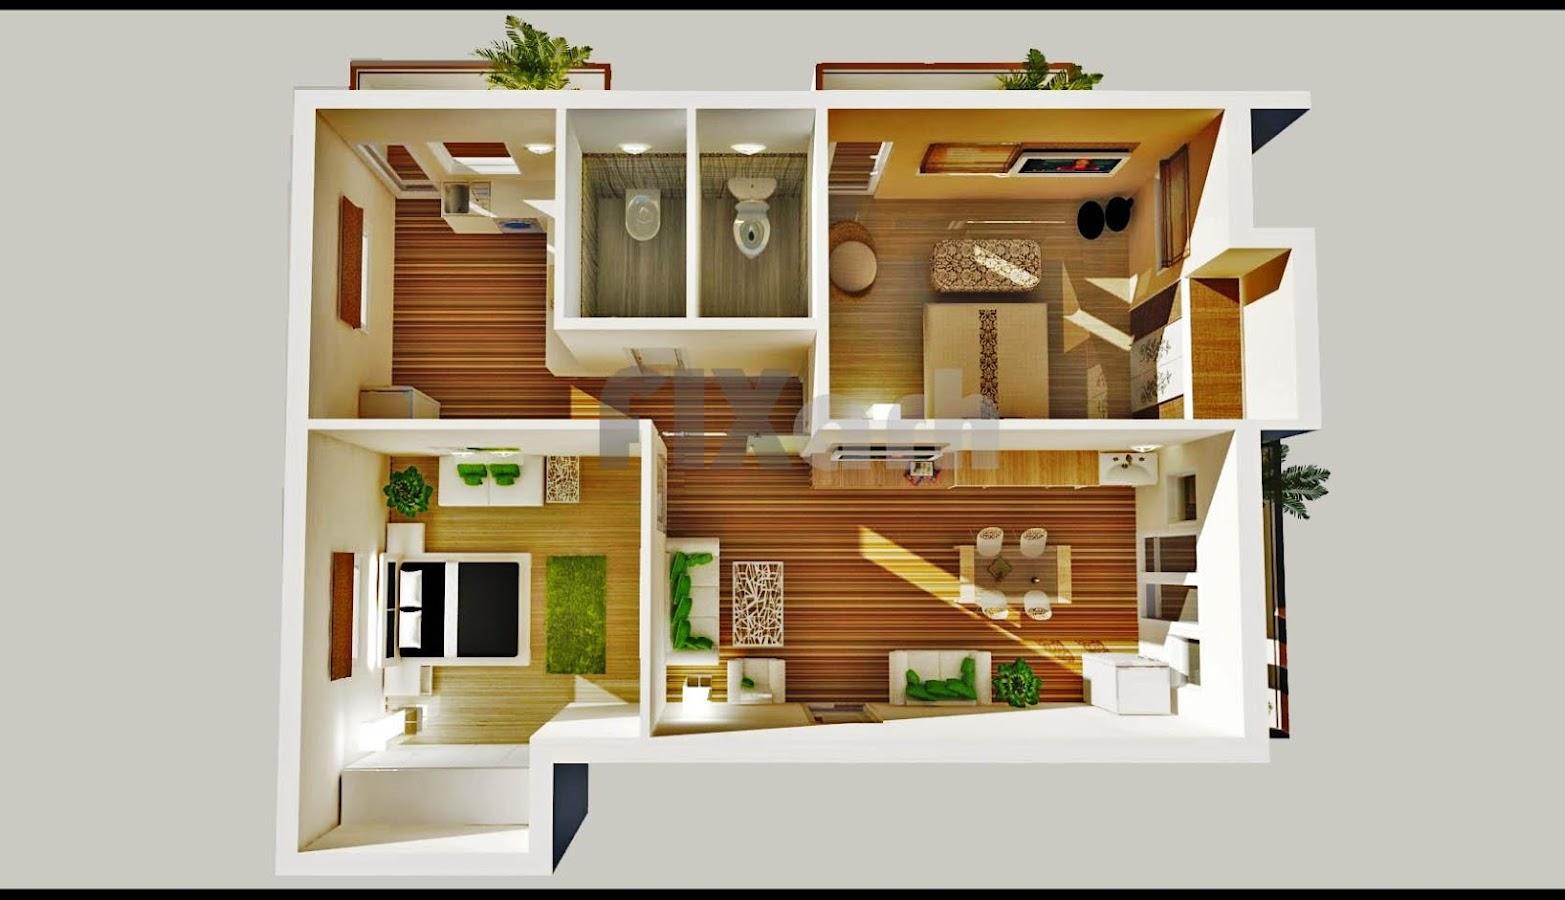 Buka sweet home 3d 2. Tutorial Sweet Home 3d Pdf Bahasa Indonesia Belajar